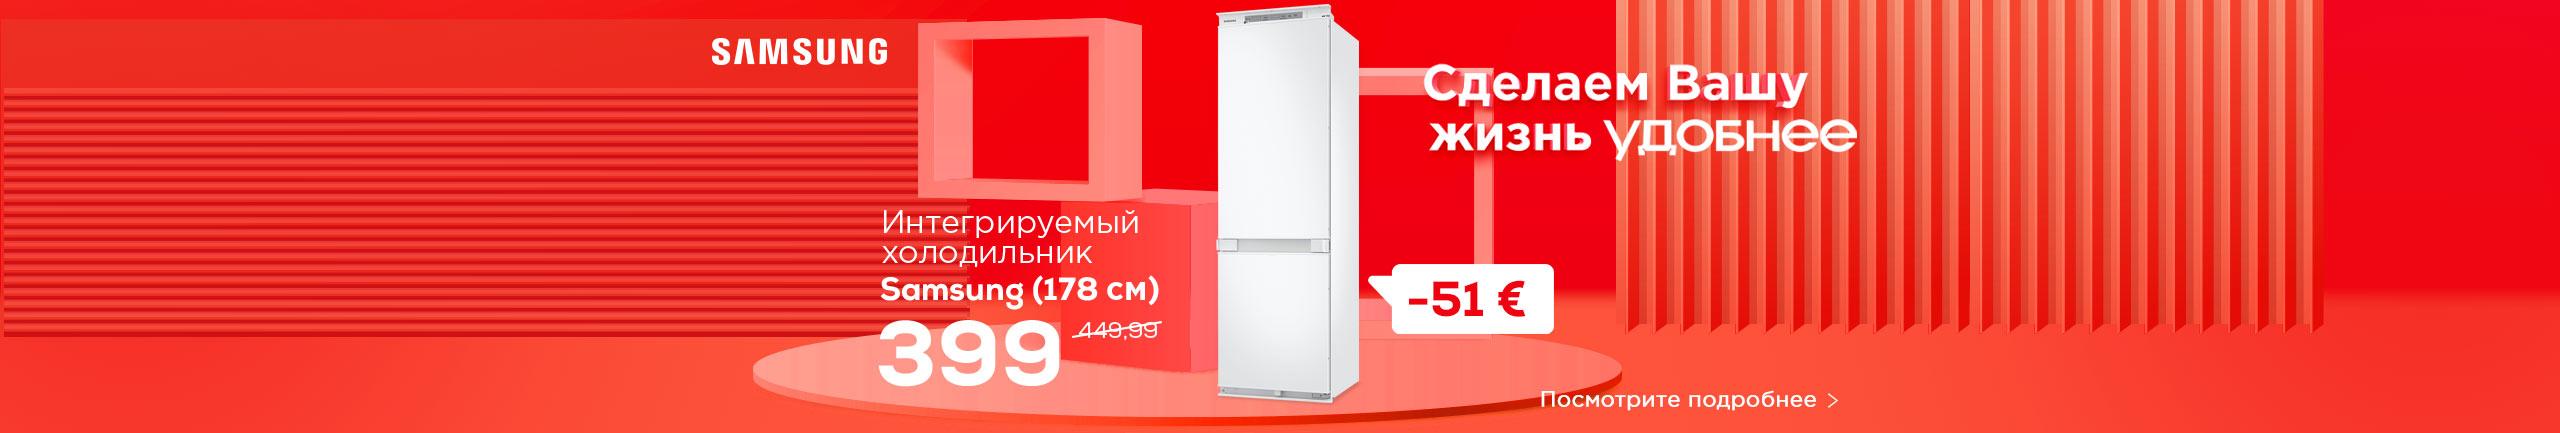 NPL Сделаем Вашу жизнь проще! Интегрируемый холодильник Samsung